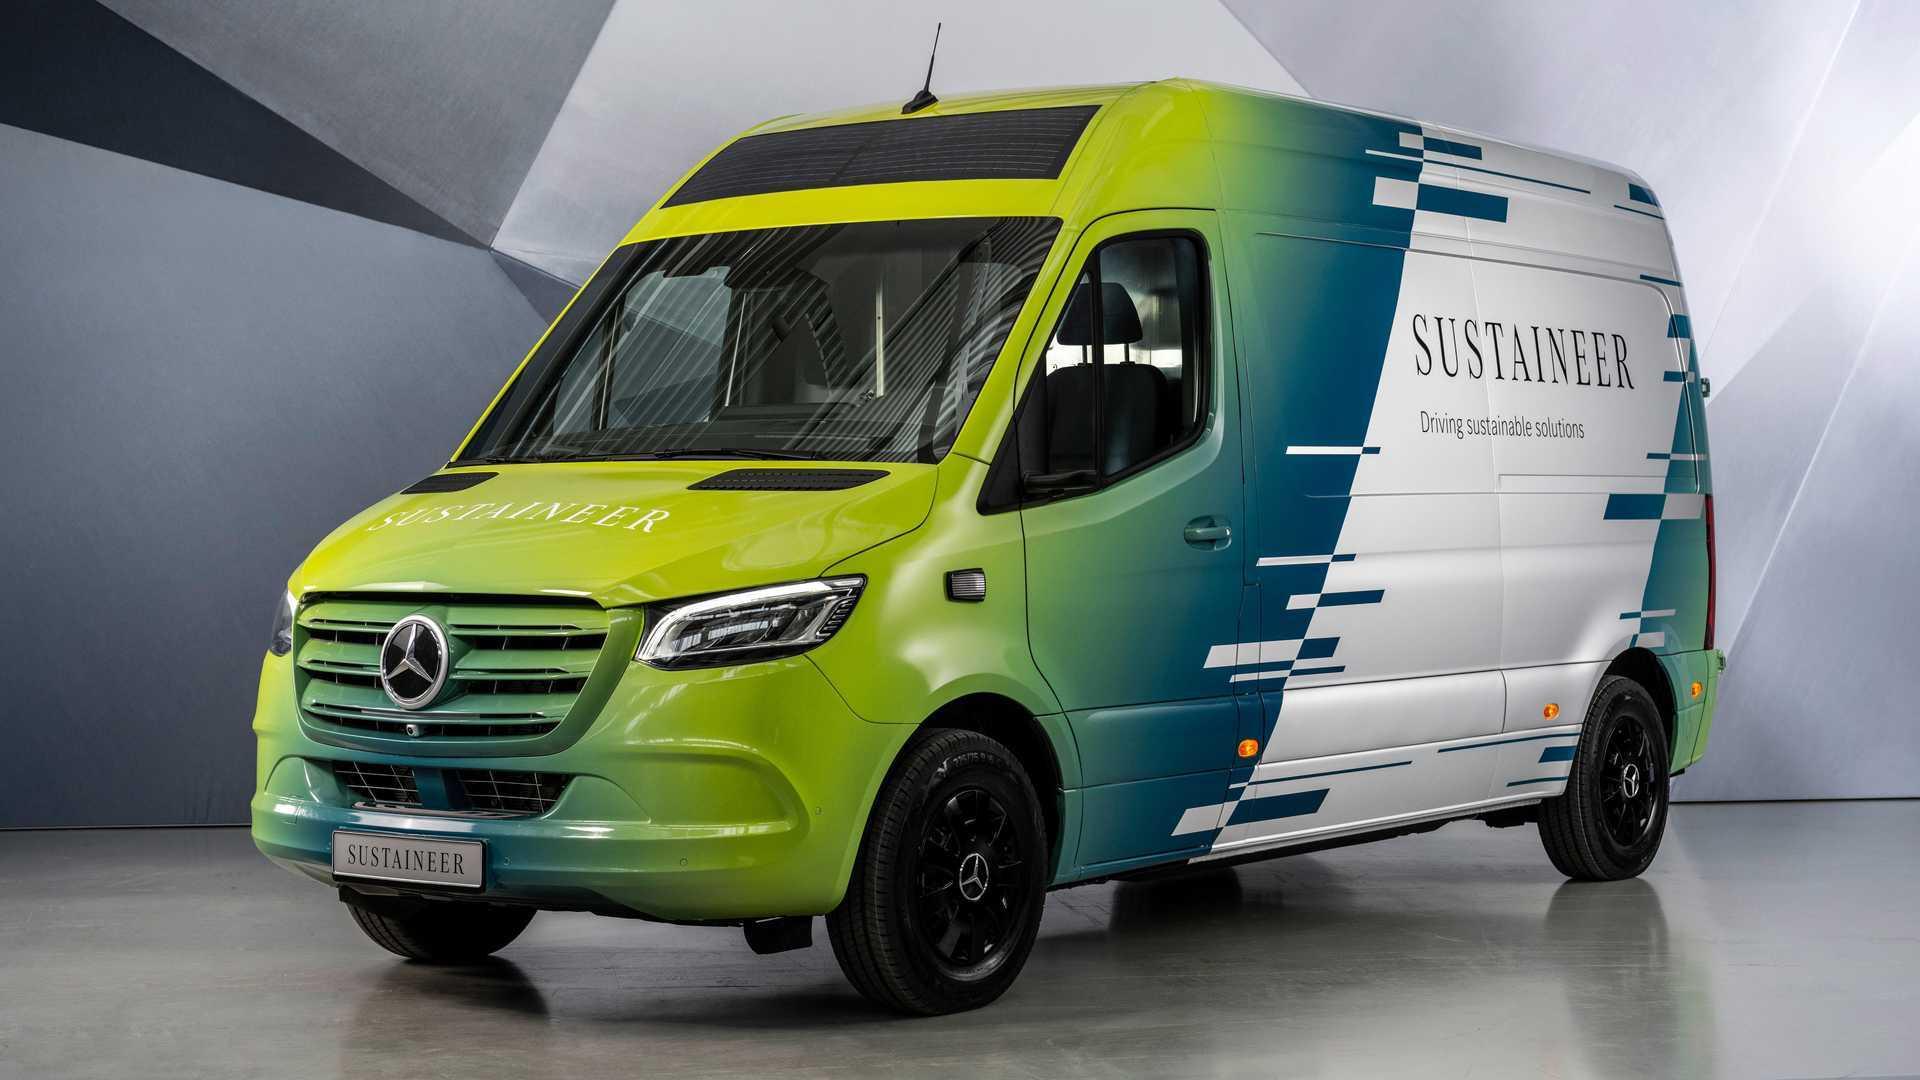 Il furgone elettrico che pulisce l'aria, ecco il Mercedes Sustaneer